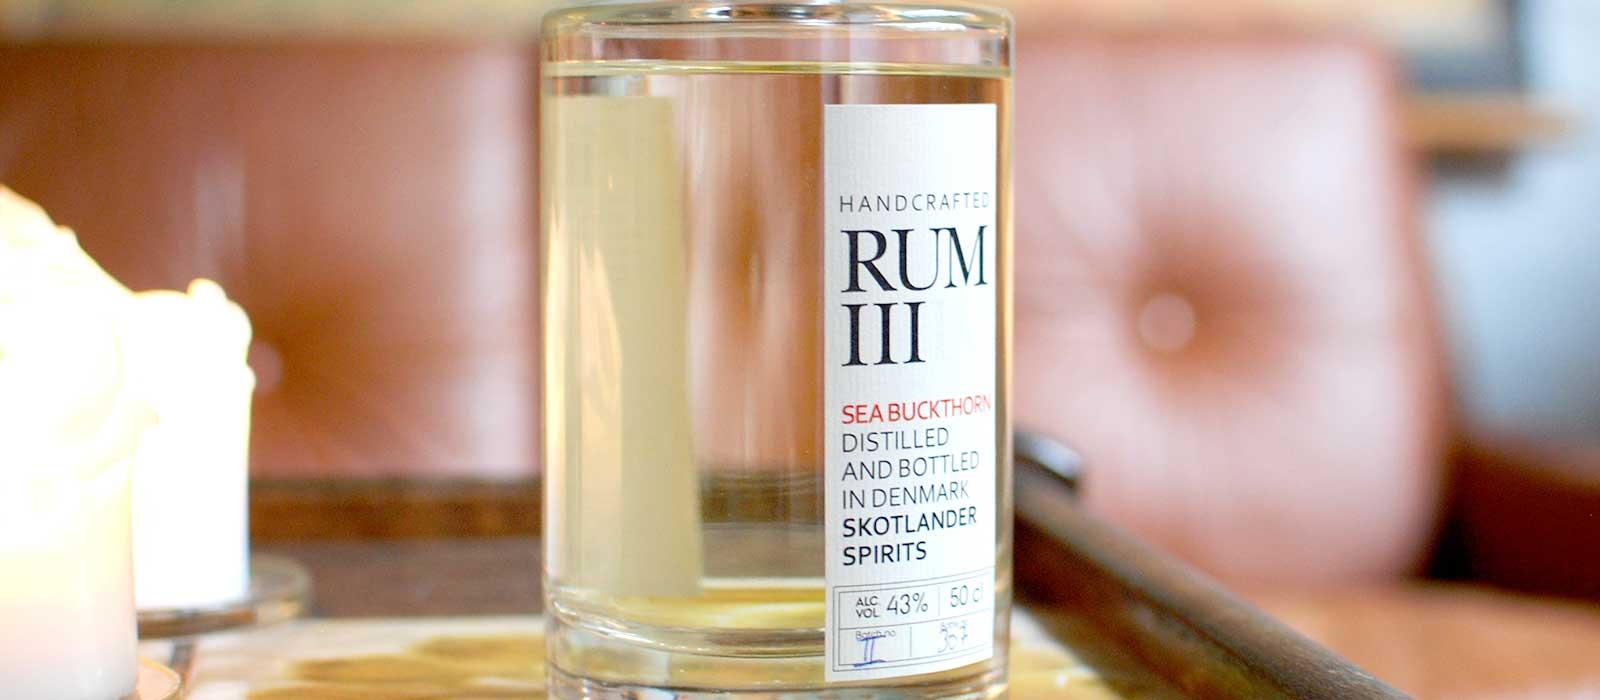 Fjärde plats 2015: Skotlander Rum III Sea Buckthorn